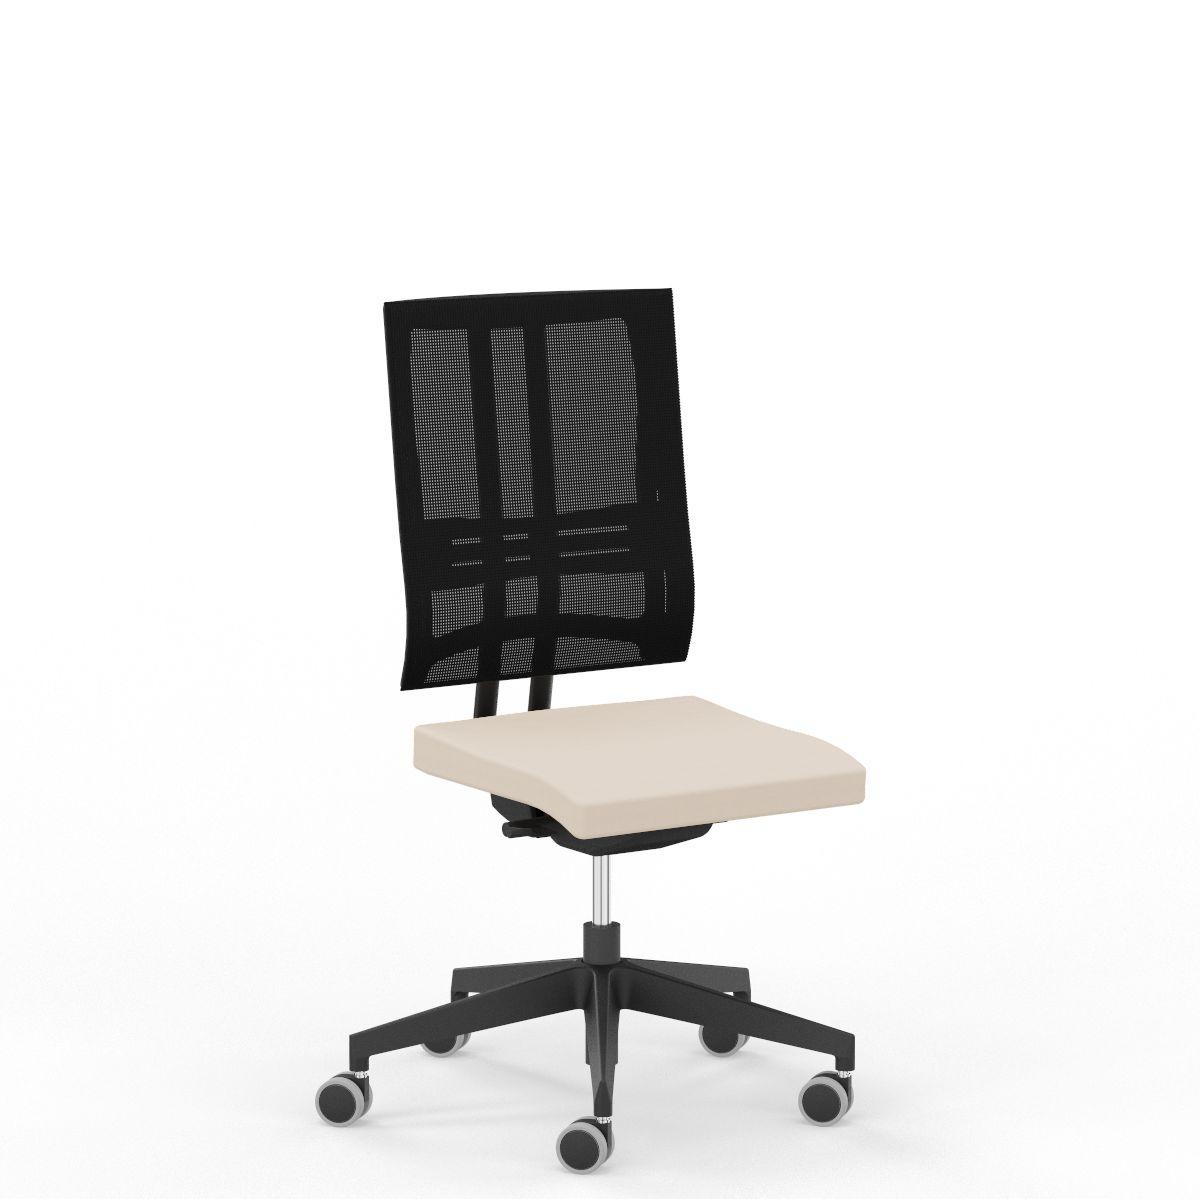 Fotel Biurowy Nowy Styl @-motion FS